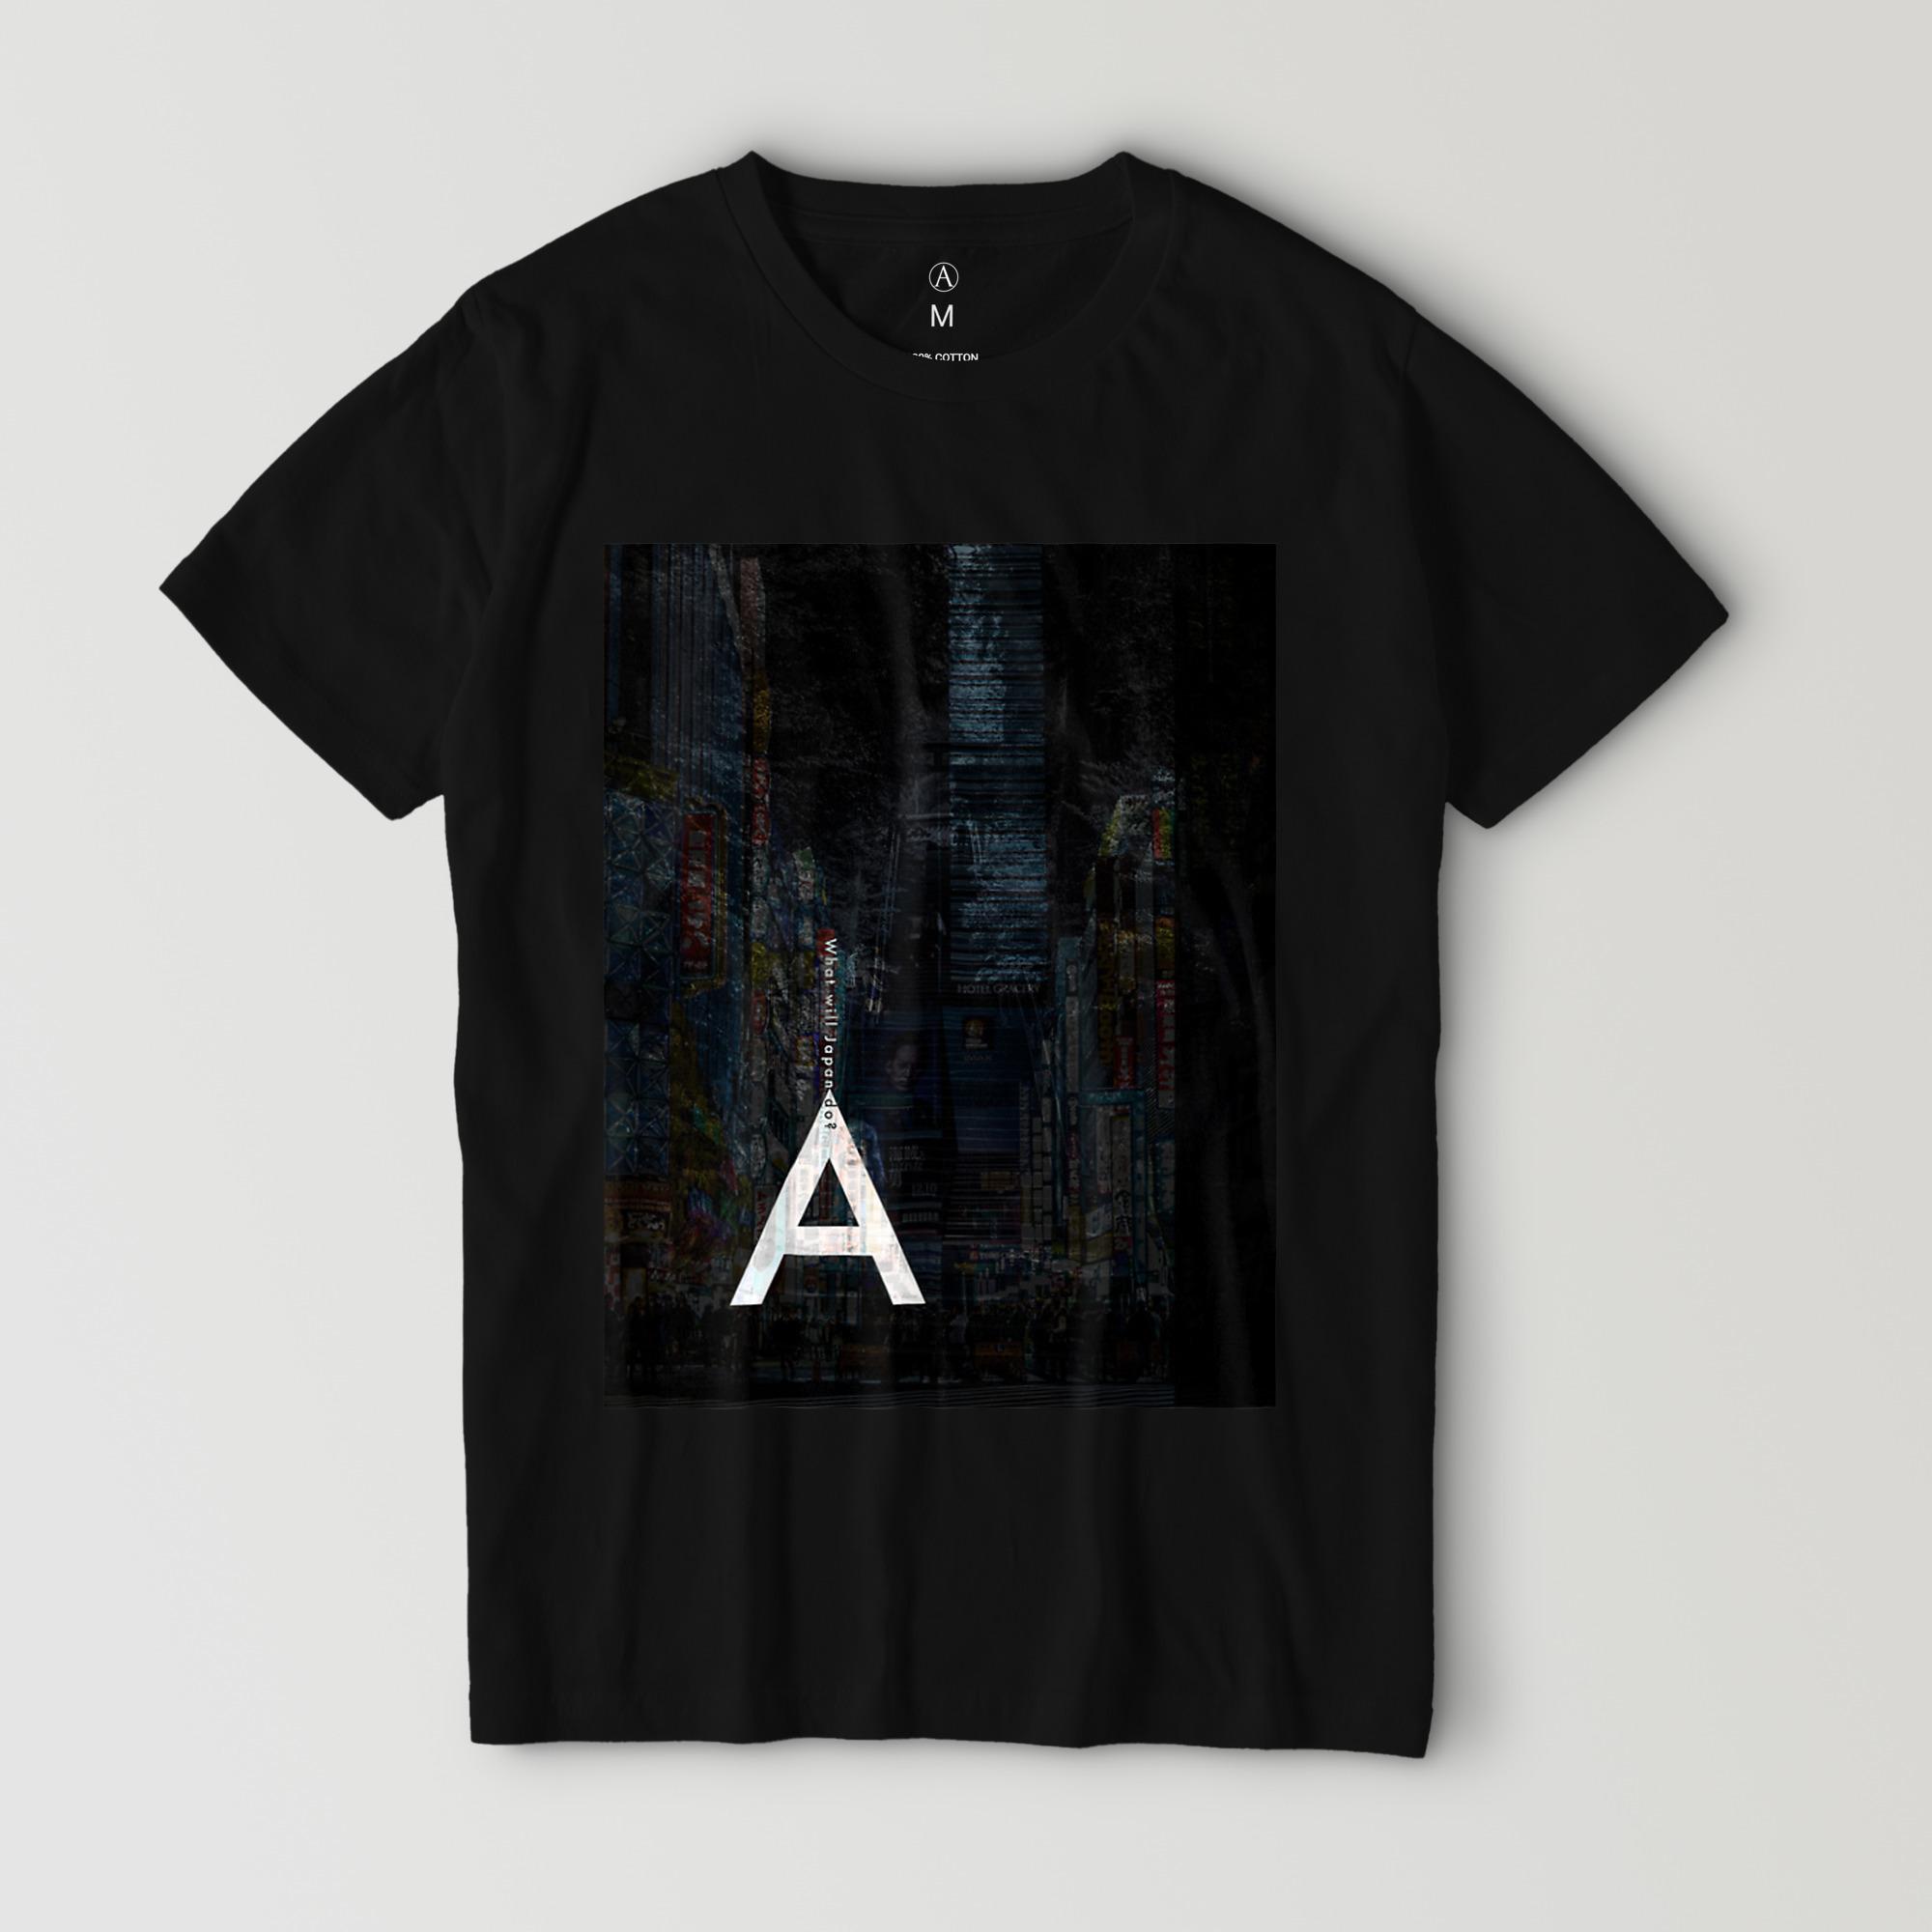 WWJD レギュラーフィットTシャツ / Mens(13色)